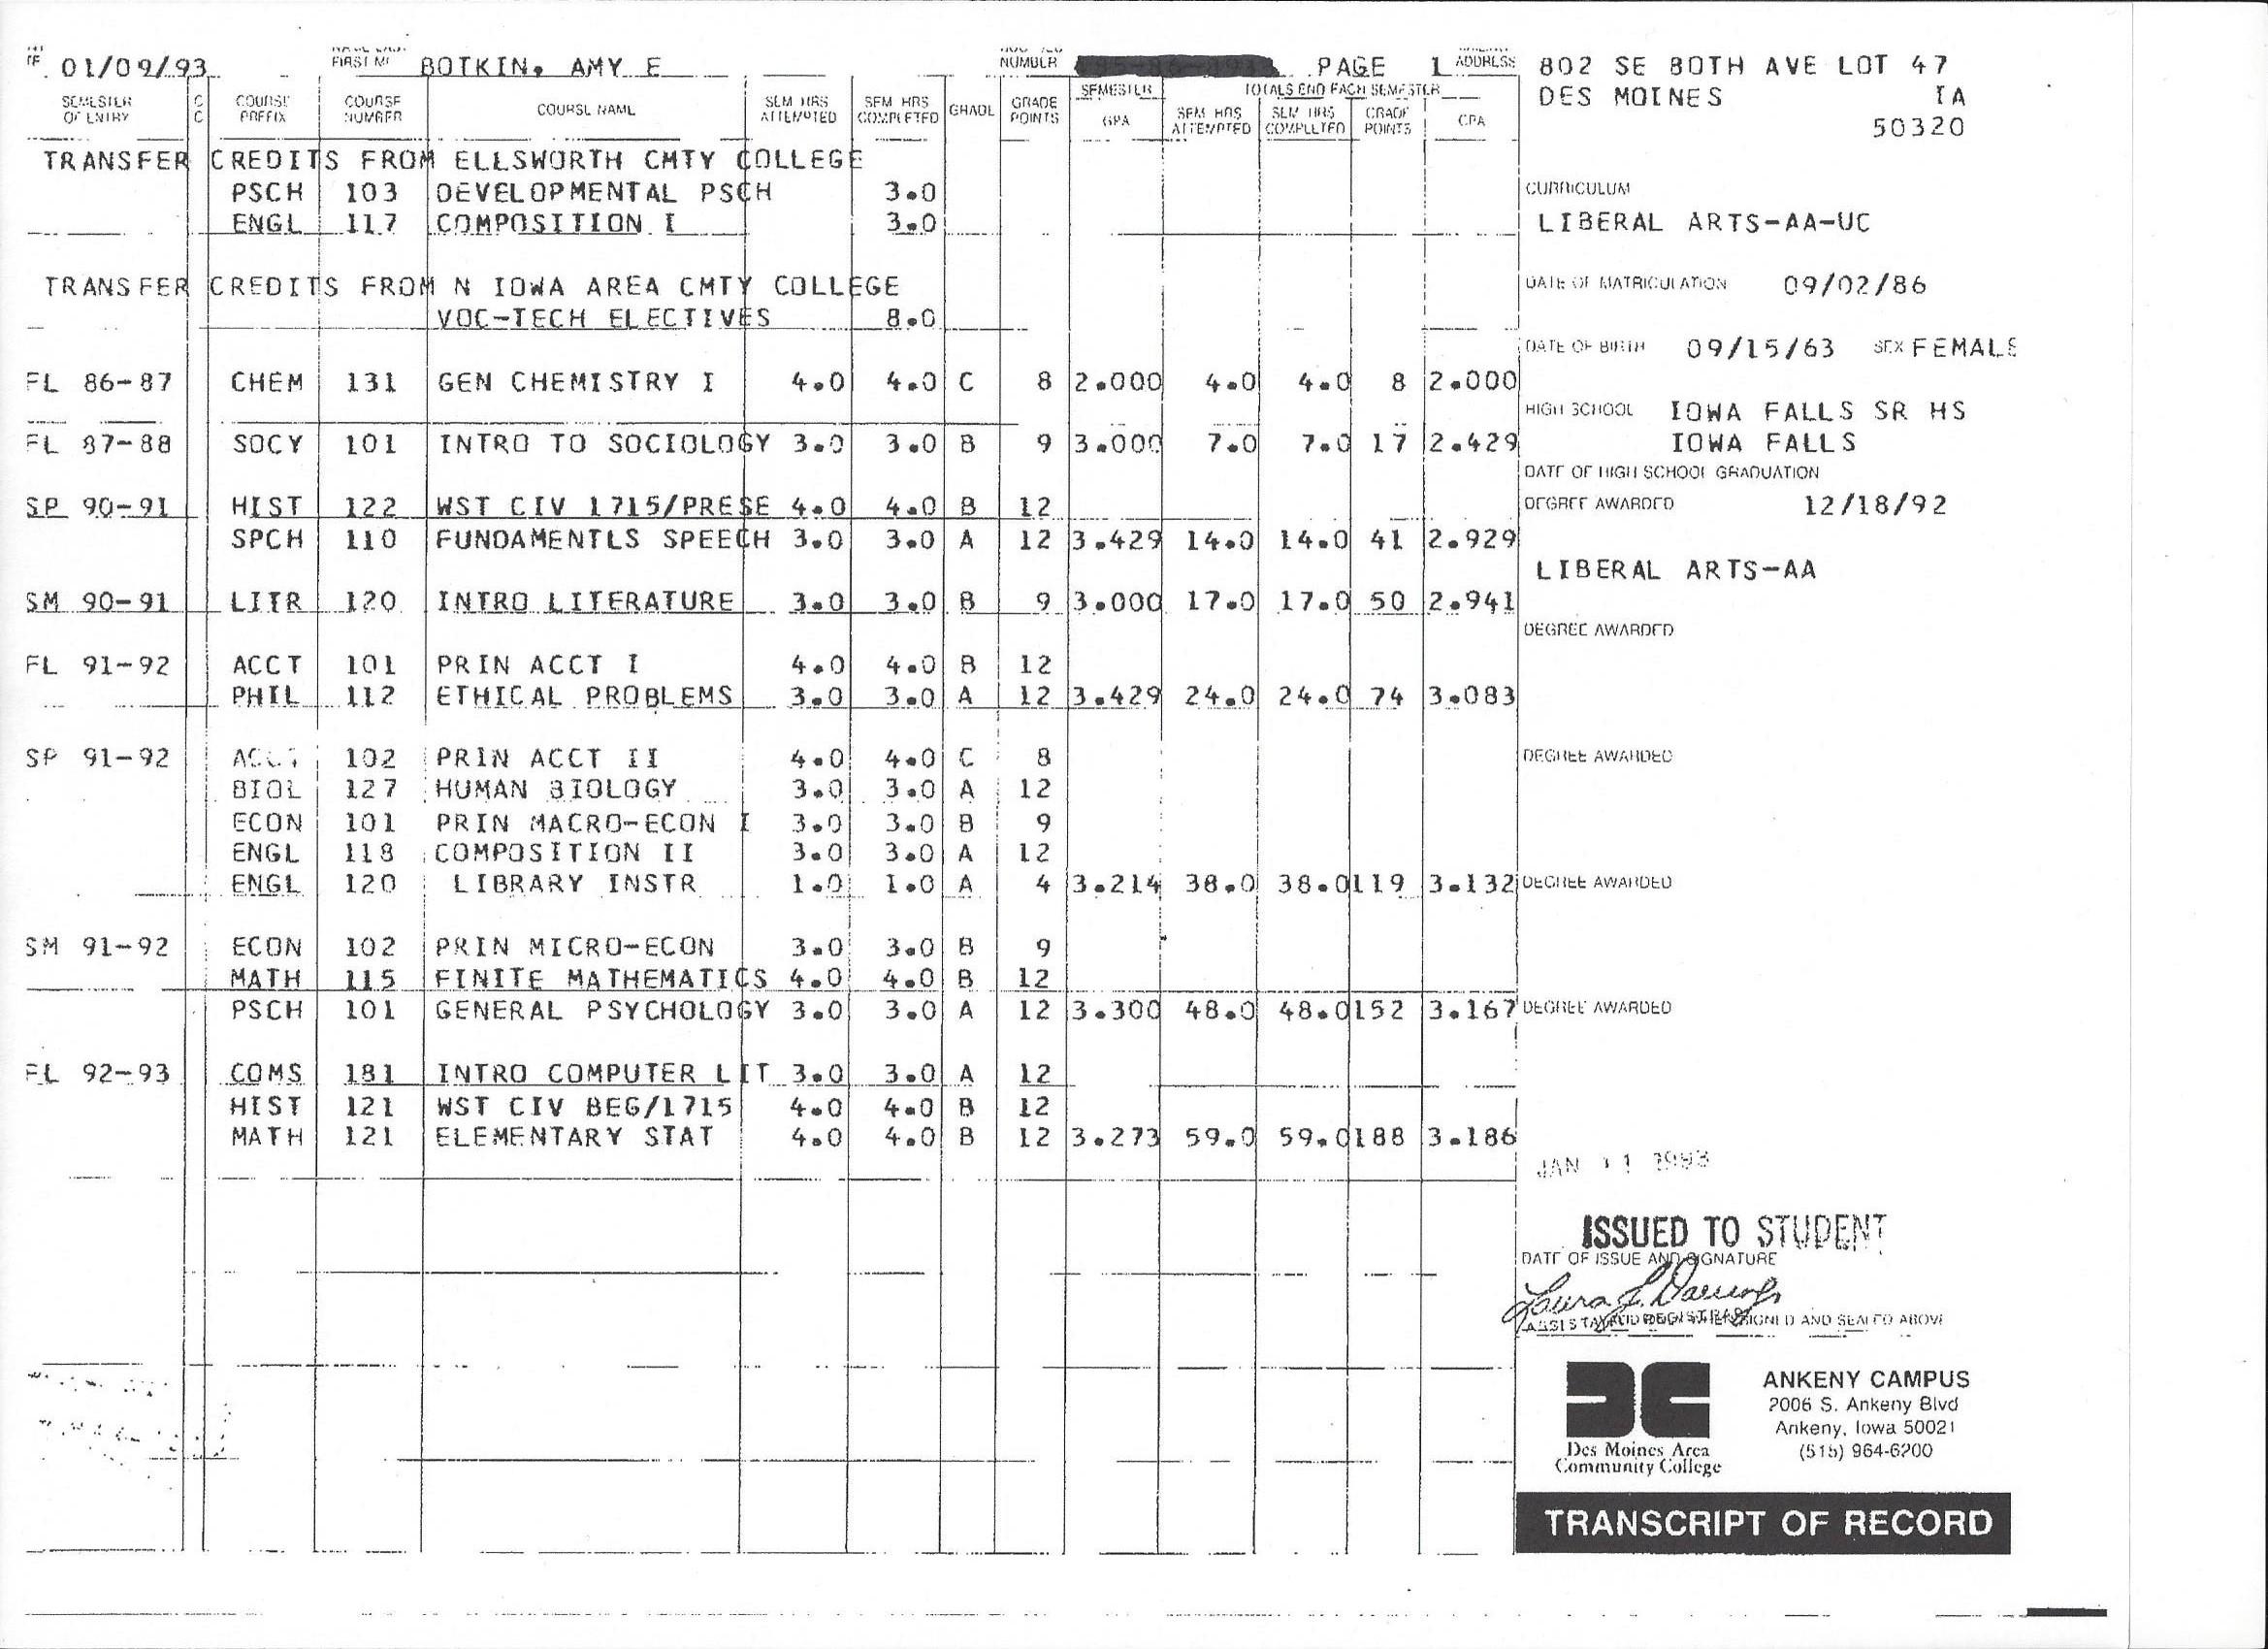 DMACC Transcripts